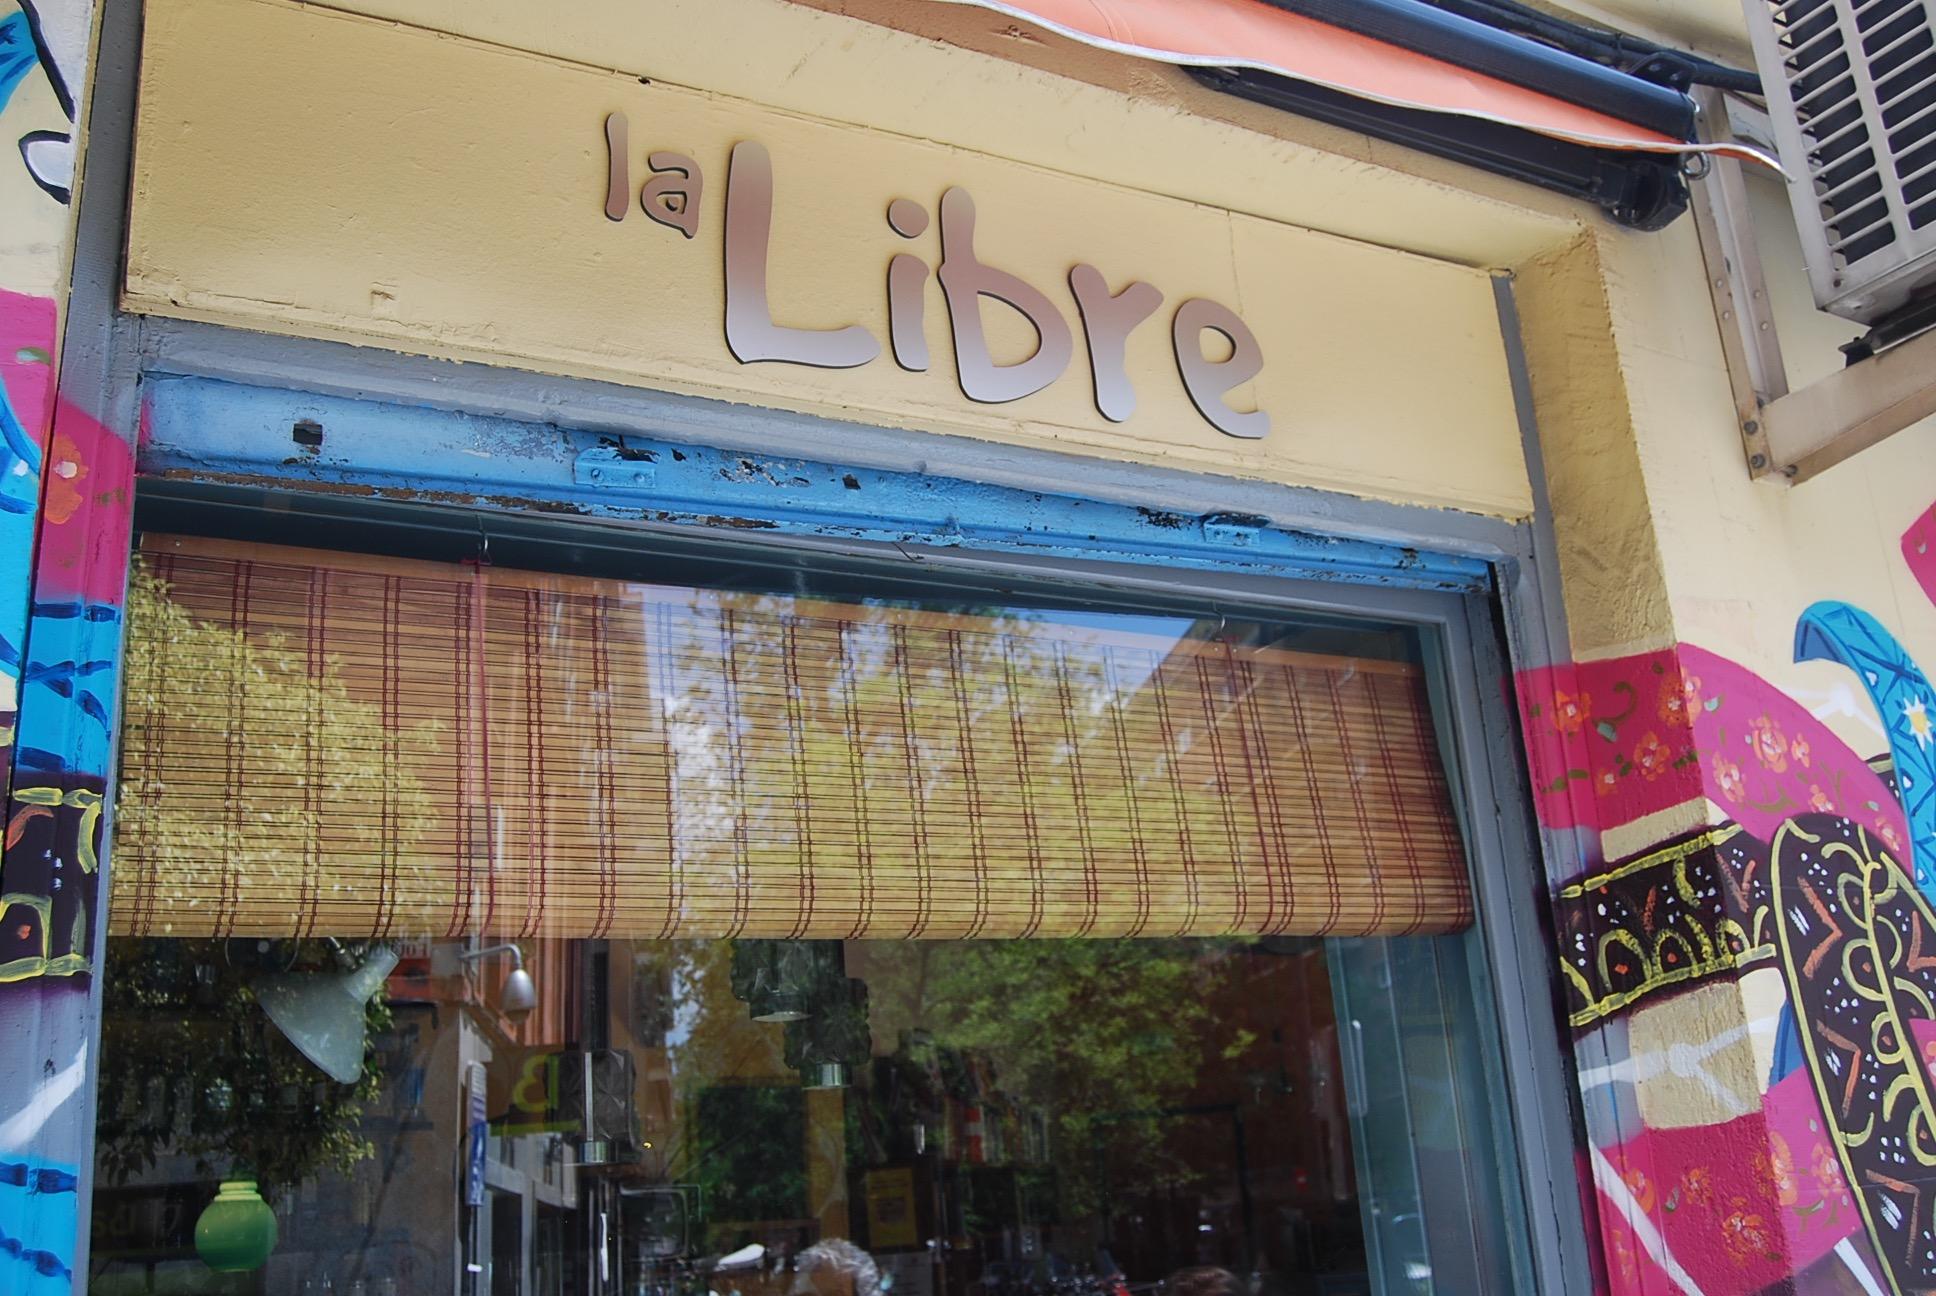 La Libre - Nsn997